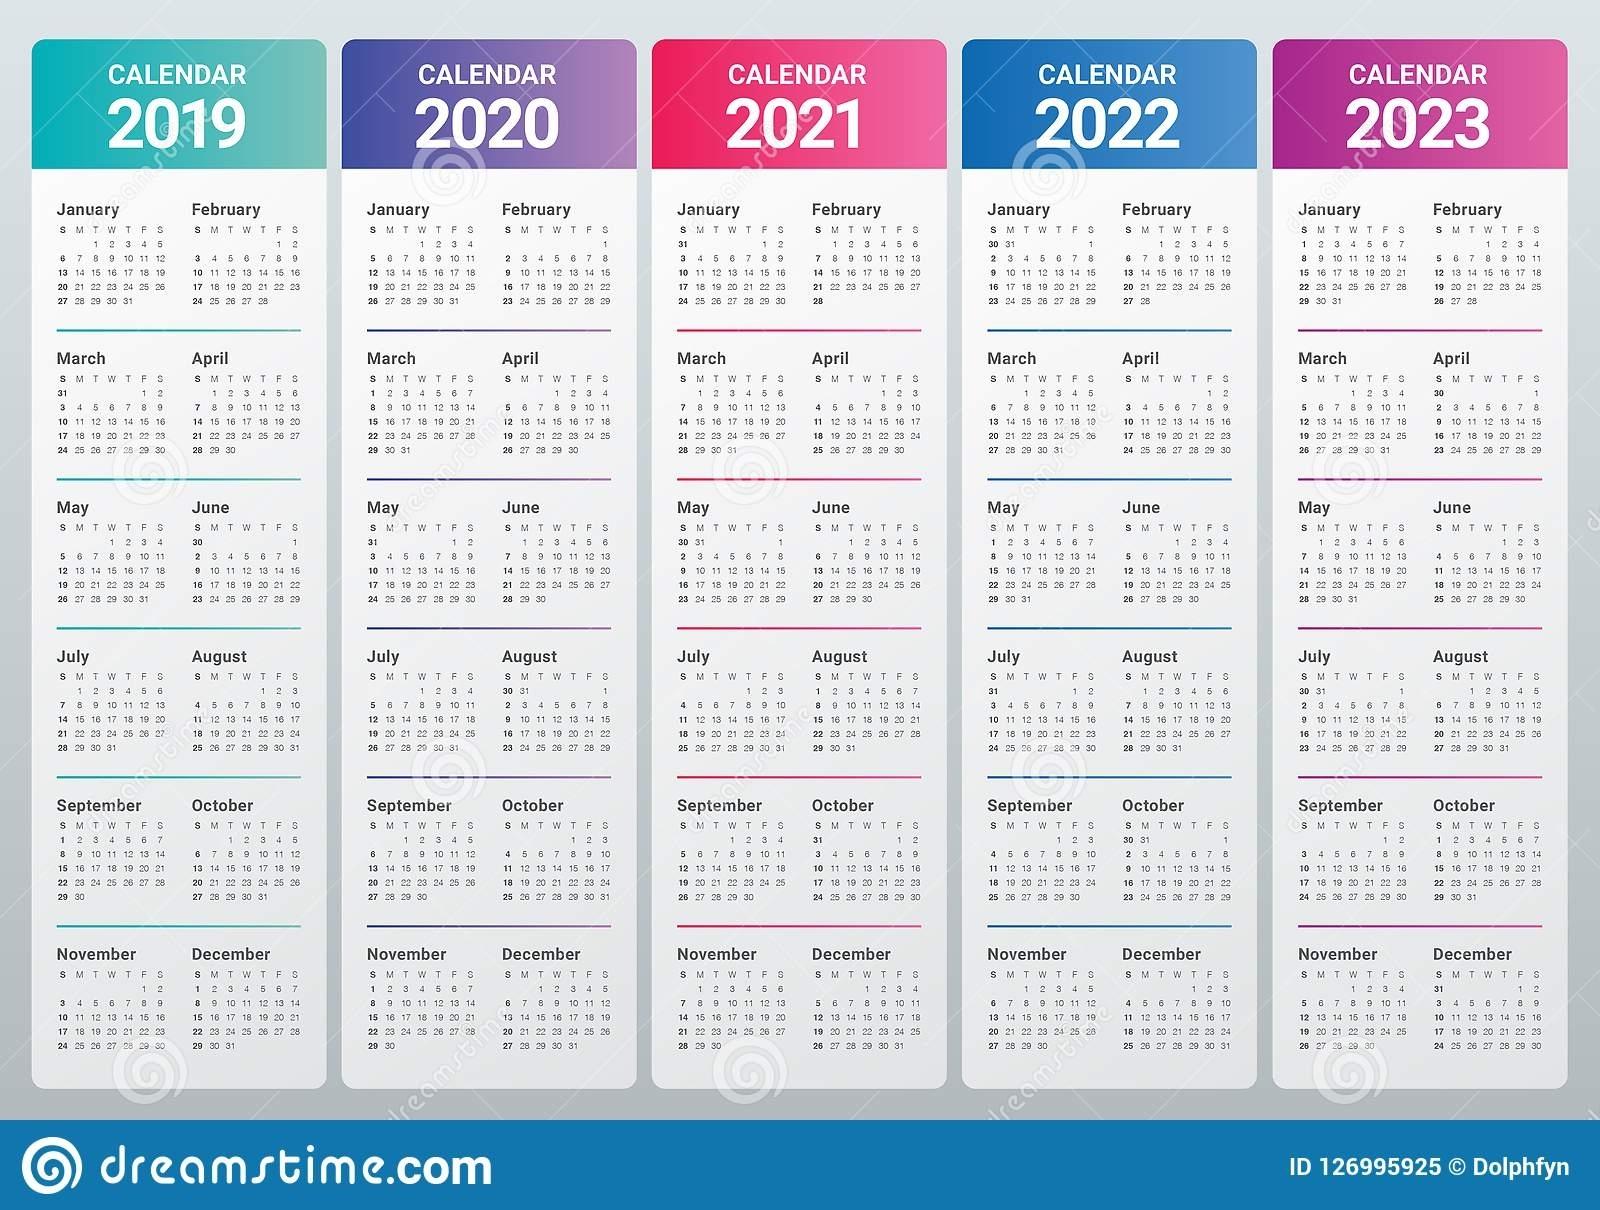 Catch Calendar For 2021 2022 2023